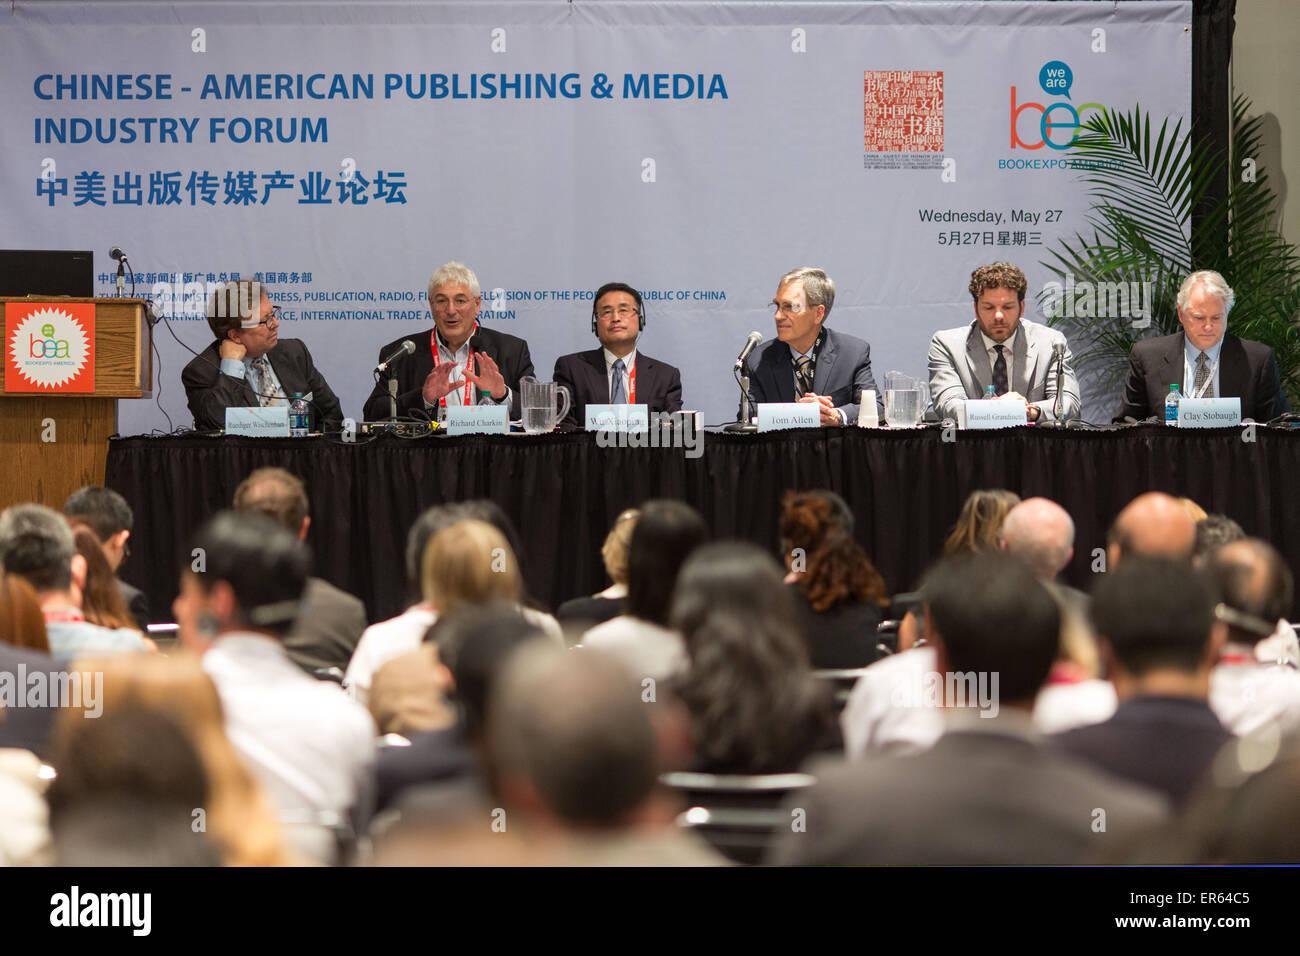 Nueva York, Estados Unidos. 27 de mayo de 2015. Los huéspedes asistir a la publicación Chinese-American & Media Industry Forum durante la BookExpo America 2015 (BEA) en Nueva York, Estados Unidos, 27 de mayo de 2015. © Li Muzi/Xinhua/Alamy Live News Foto de stock